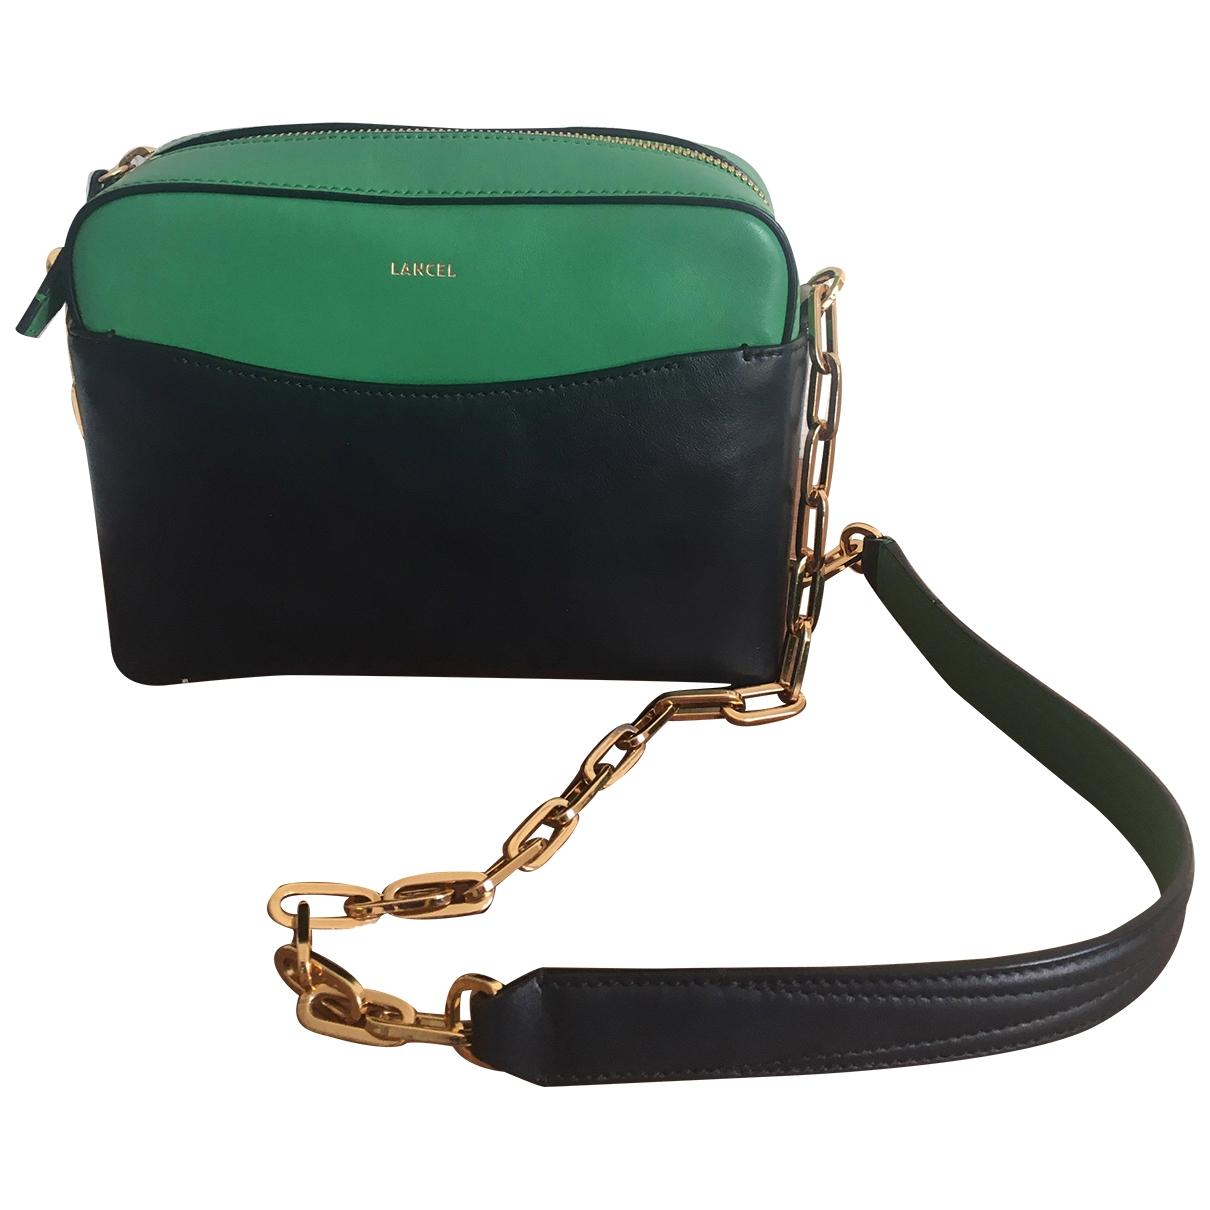 Lancel \N Handtasche in  Gruen Leder